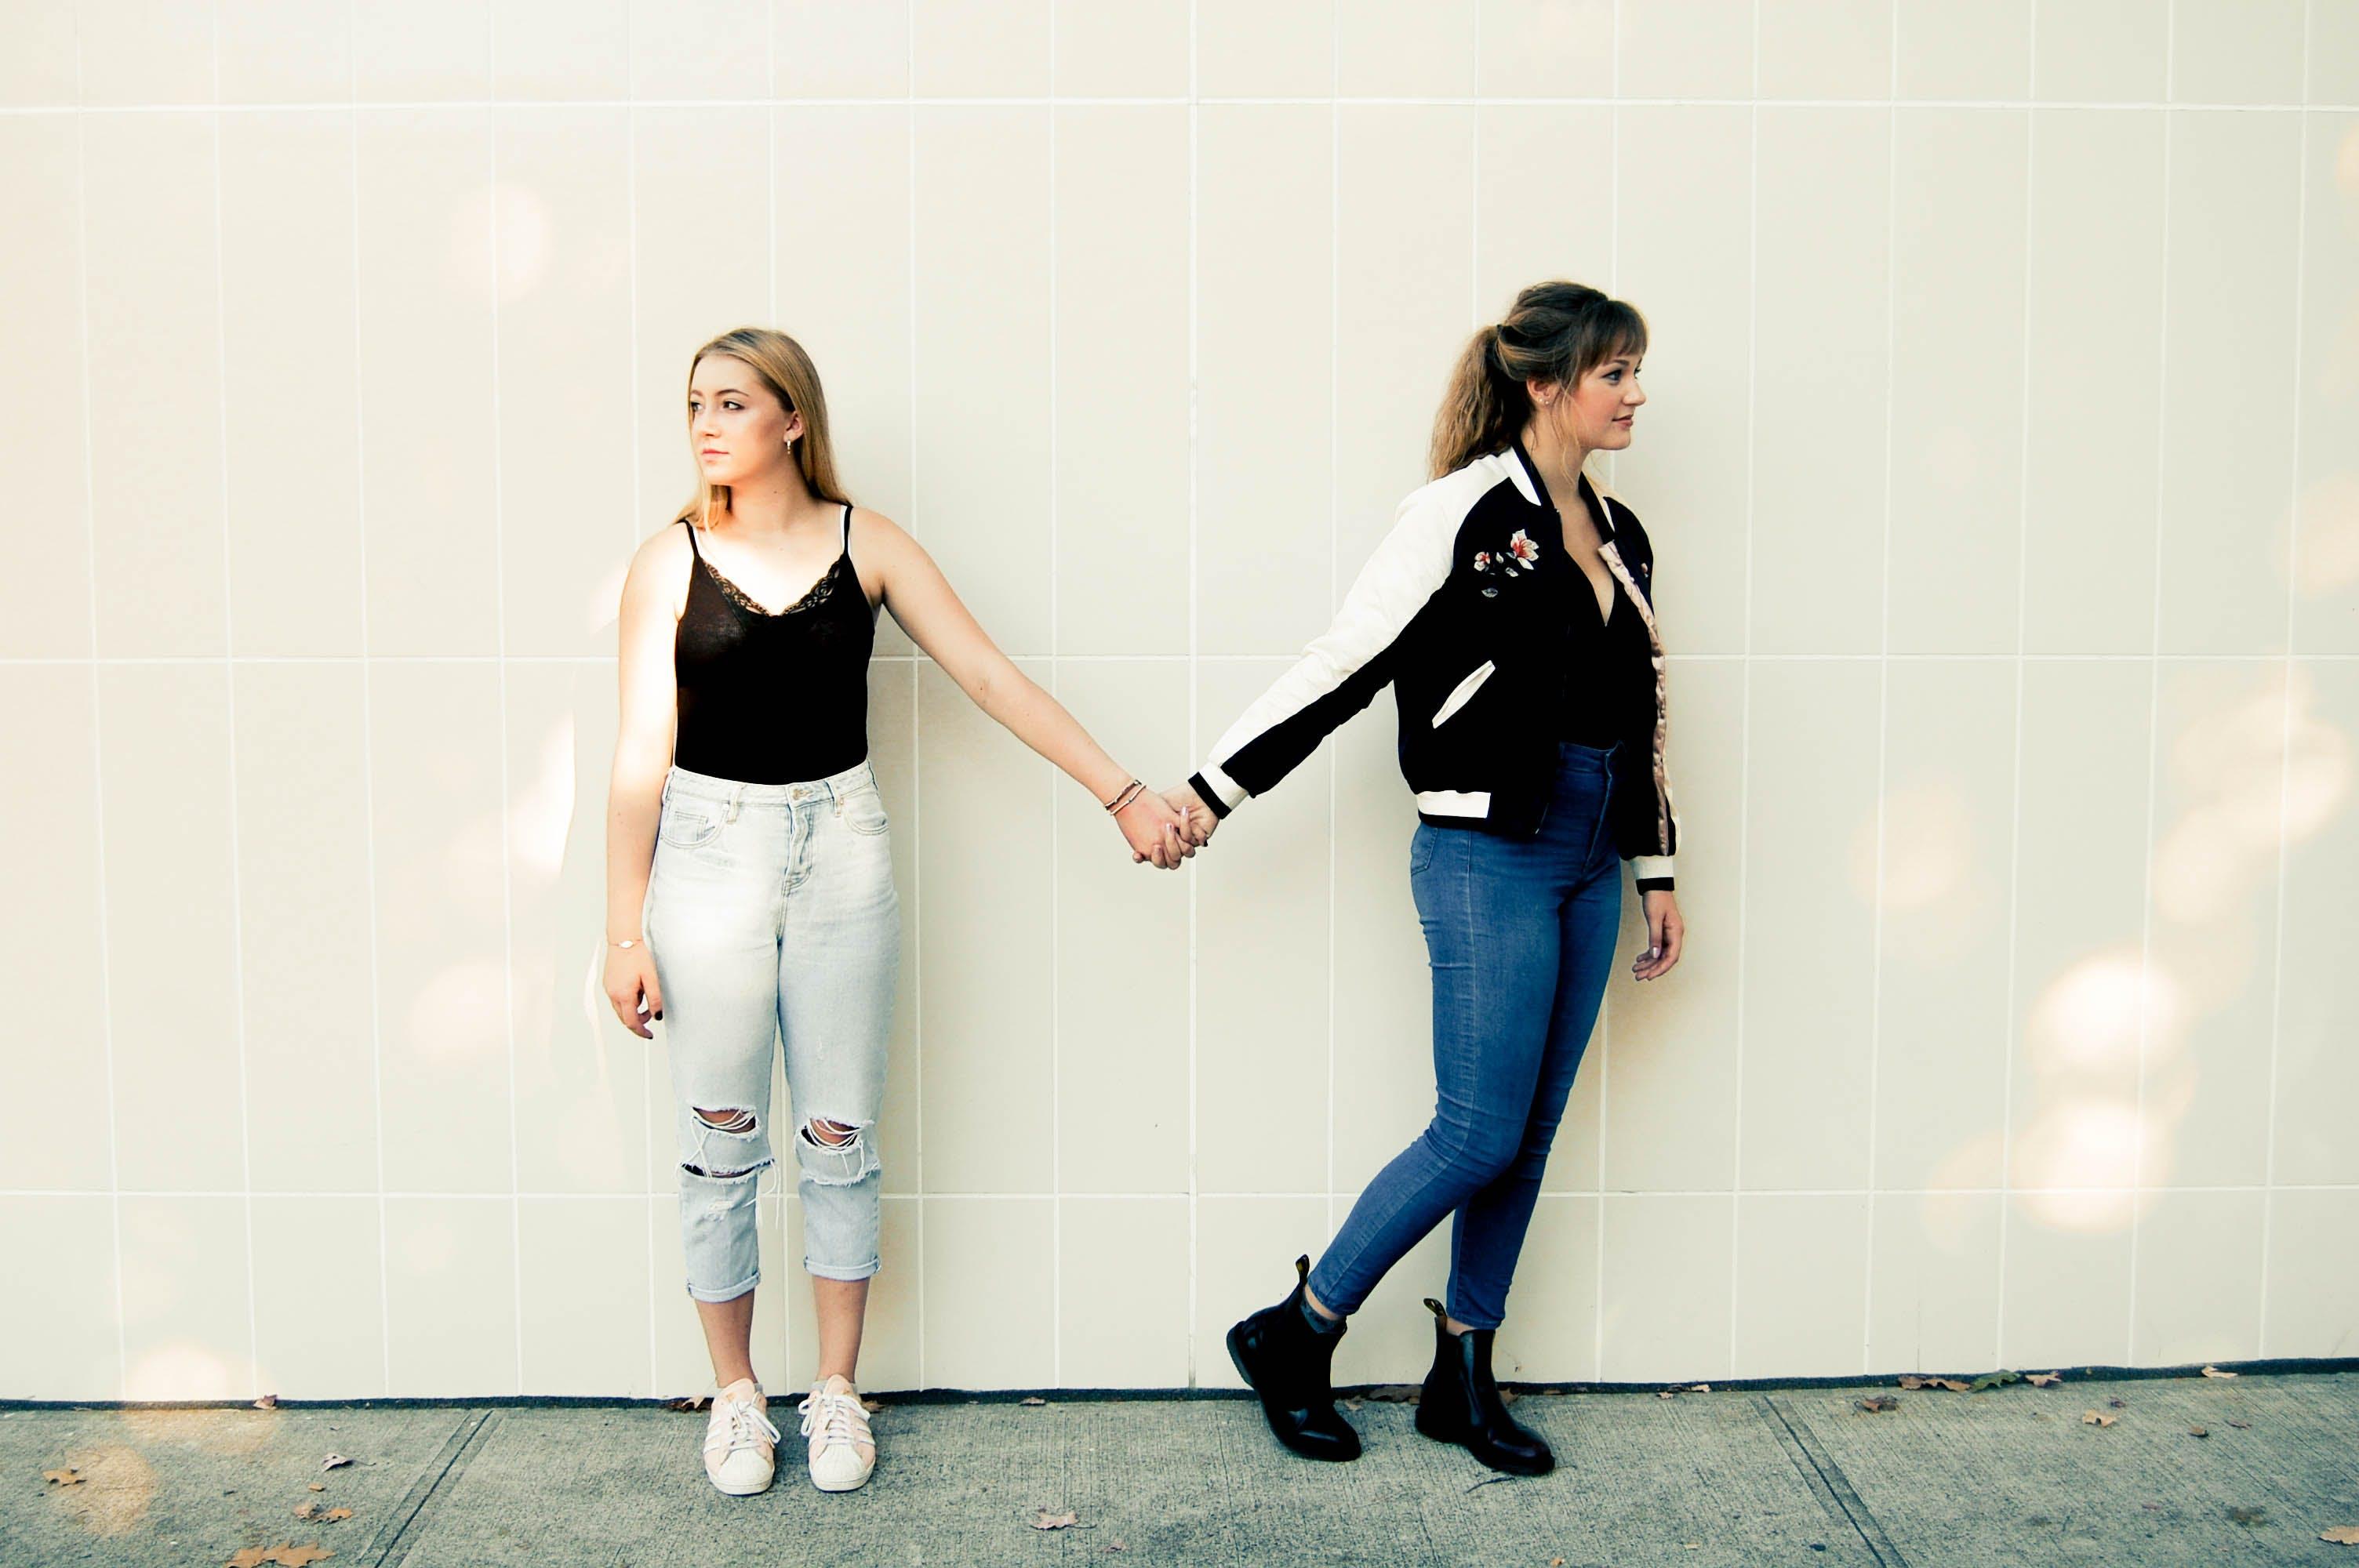 Δωρεάν στοκ φωτογραφιών με casual, Άνθρωποι, γυναίκες, θηλυκά